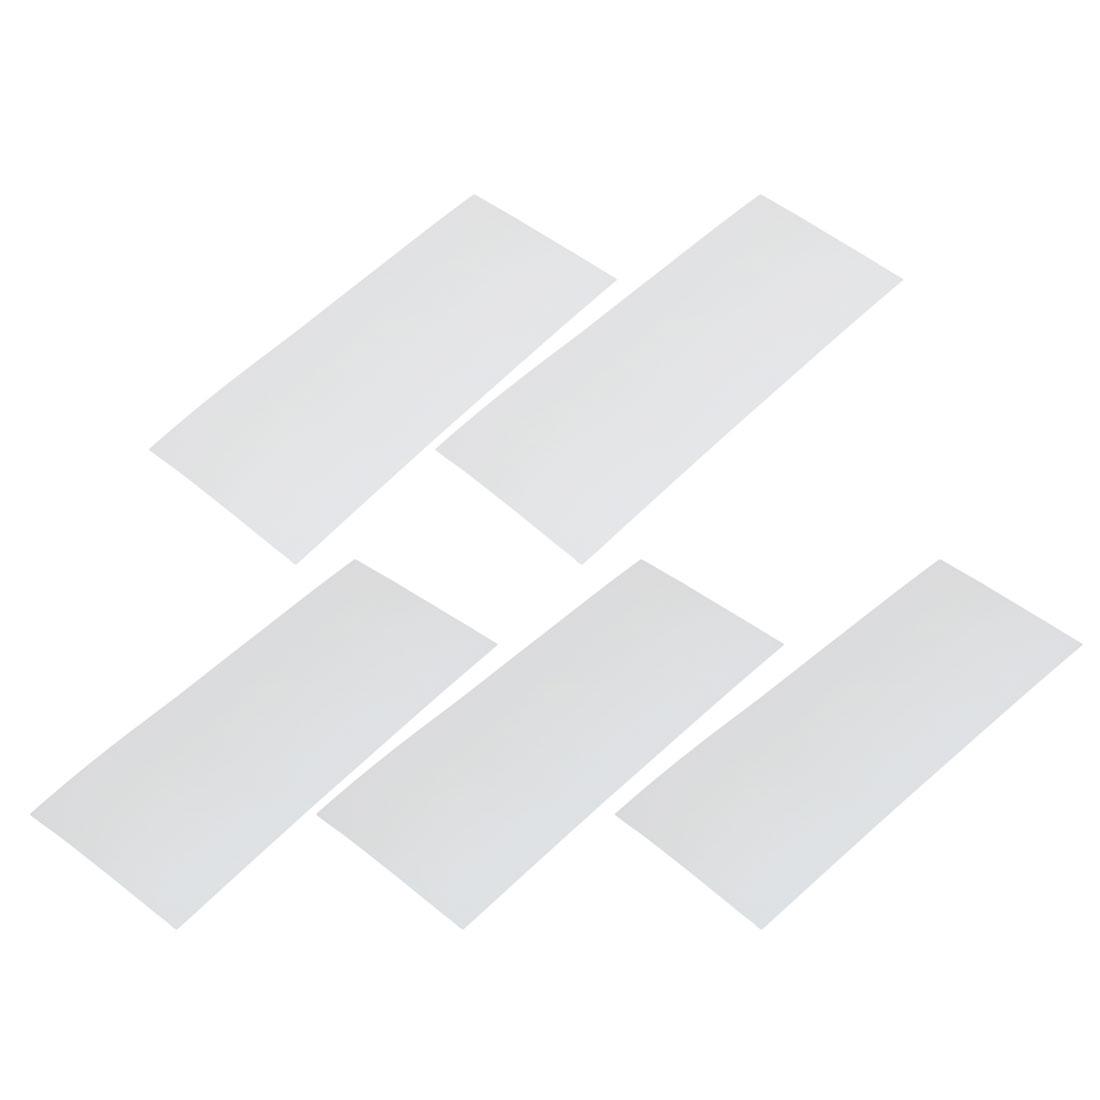 5pcs 29.5mm Flat Width 72mm Long PVC Heat Shrinkable Tube White for Battery Pack